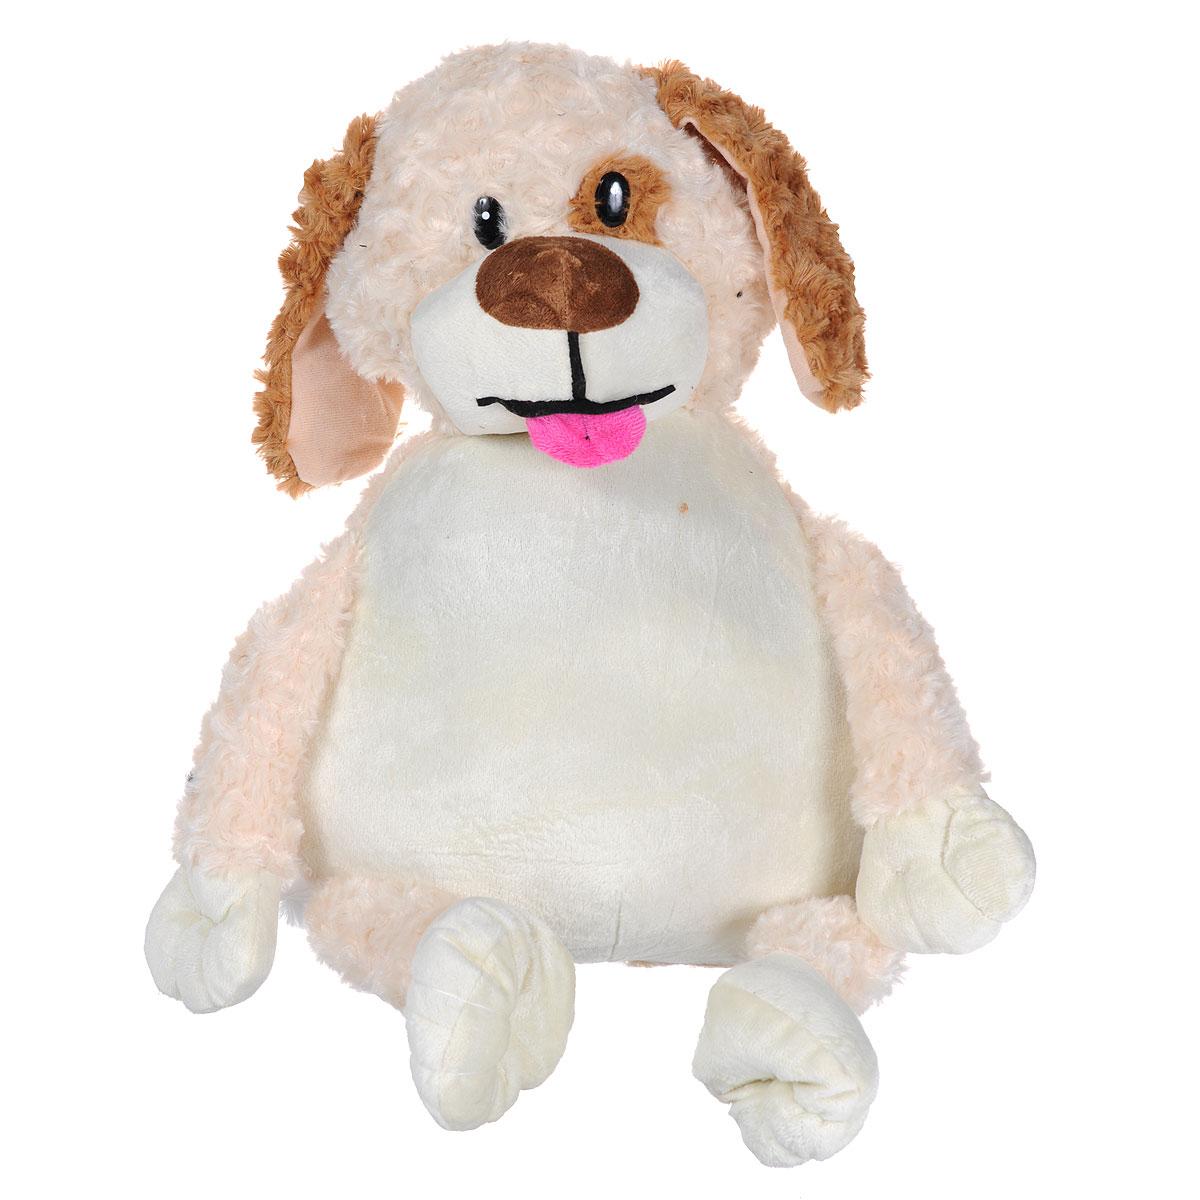 Мягкая игрушка-подушка Bradex Собачка, цвет: бежевый, коричневыйDE 0036Очаровательная мягкая игрушка-подушка Bradex Собачка не оставит равнодушным ни ребенка, ни взрослого. Приятная на ощупь игрушка выполнена из гипоаллергенного материала в виде милой собачки с пластиковыми глазками. Уникальная конструкция мягкой игрушки позволяет в считанные минуты трансформировать ее из игрушки в подушку в виде собачьей конуры. Достаточно всего лишь расстегнуть застежку-молнию, вывернуть игрушку и застегнуть обратно. Такая игрушка-подушка прекрасно дополнит интерьер детской комнаты. Возьмите эту уникальную игрушку с собой в дорогу и подарите вашему ребенку не только увлекательное времяпрепровождение с ней, но и здоровый сон.